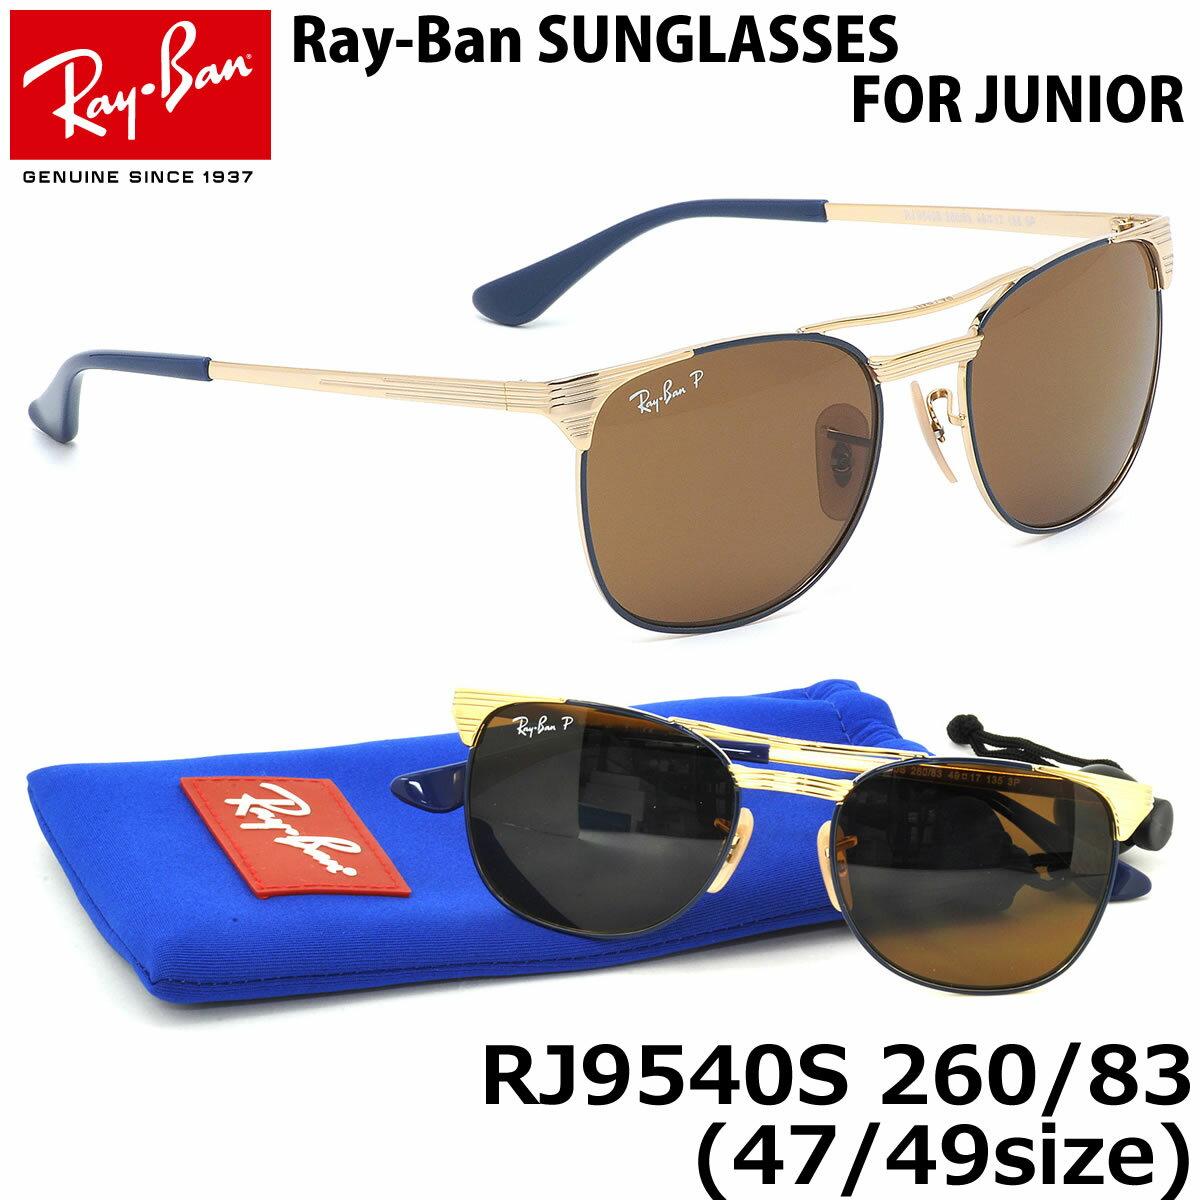 レイバン サングラス Ray-Ban RJ9540S 260/83 47サイズ 49サイズ ジュニア シグネット SIGNET Junior 偏光レンズ キッズ 子供用 スクエア ツーブリッジ レイバン RAYBAN 子供用 キッズ用